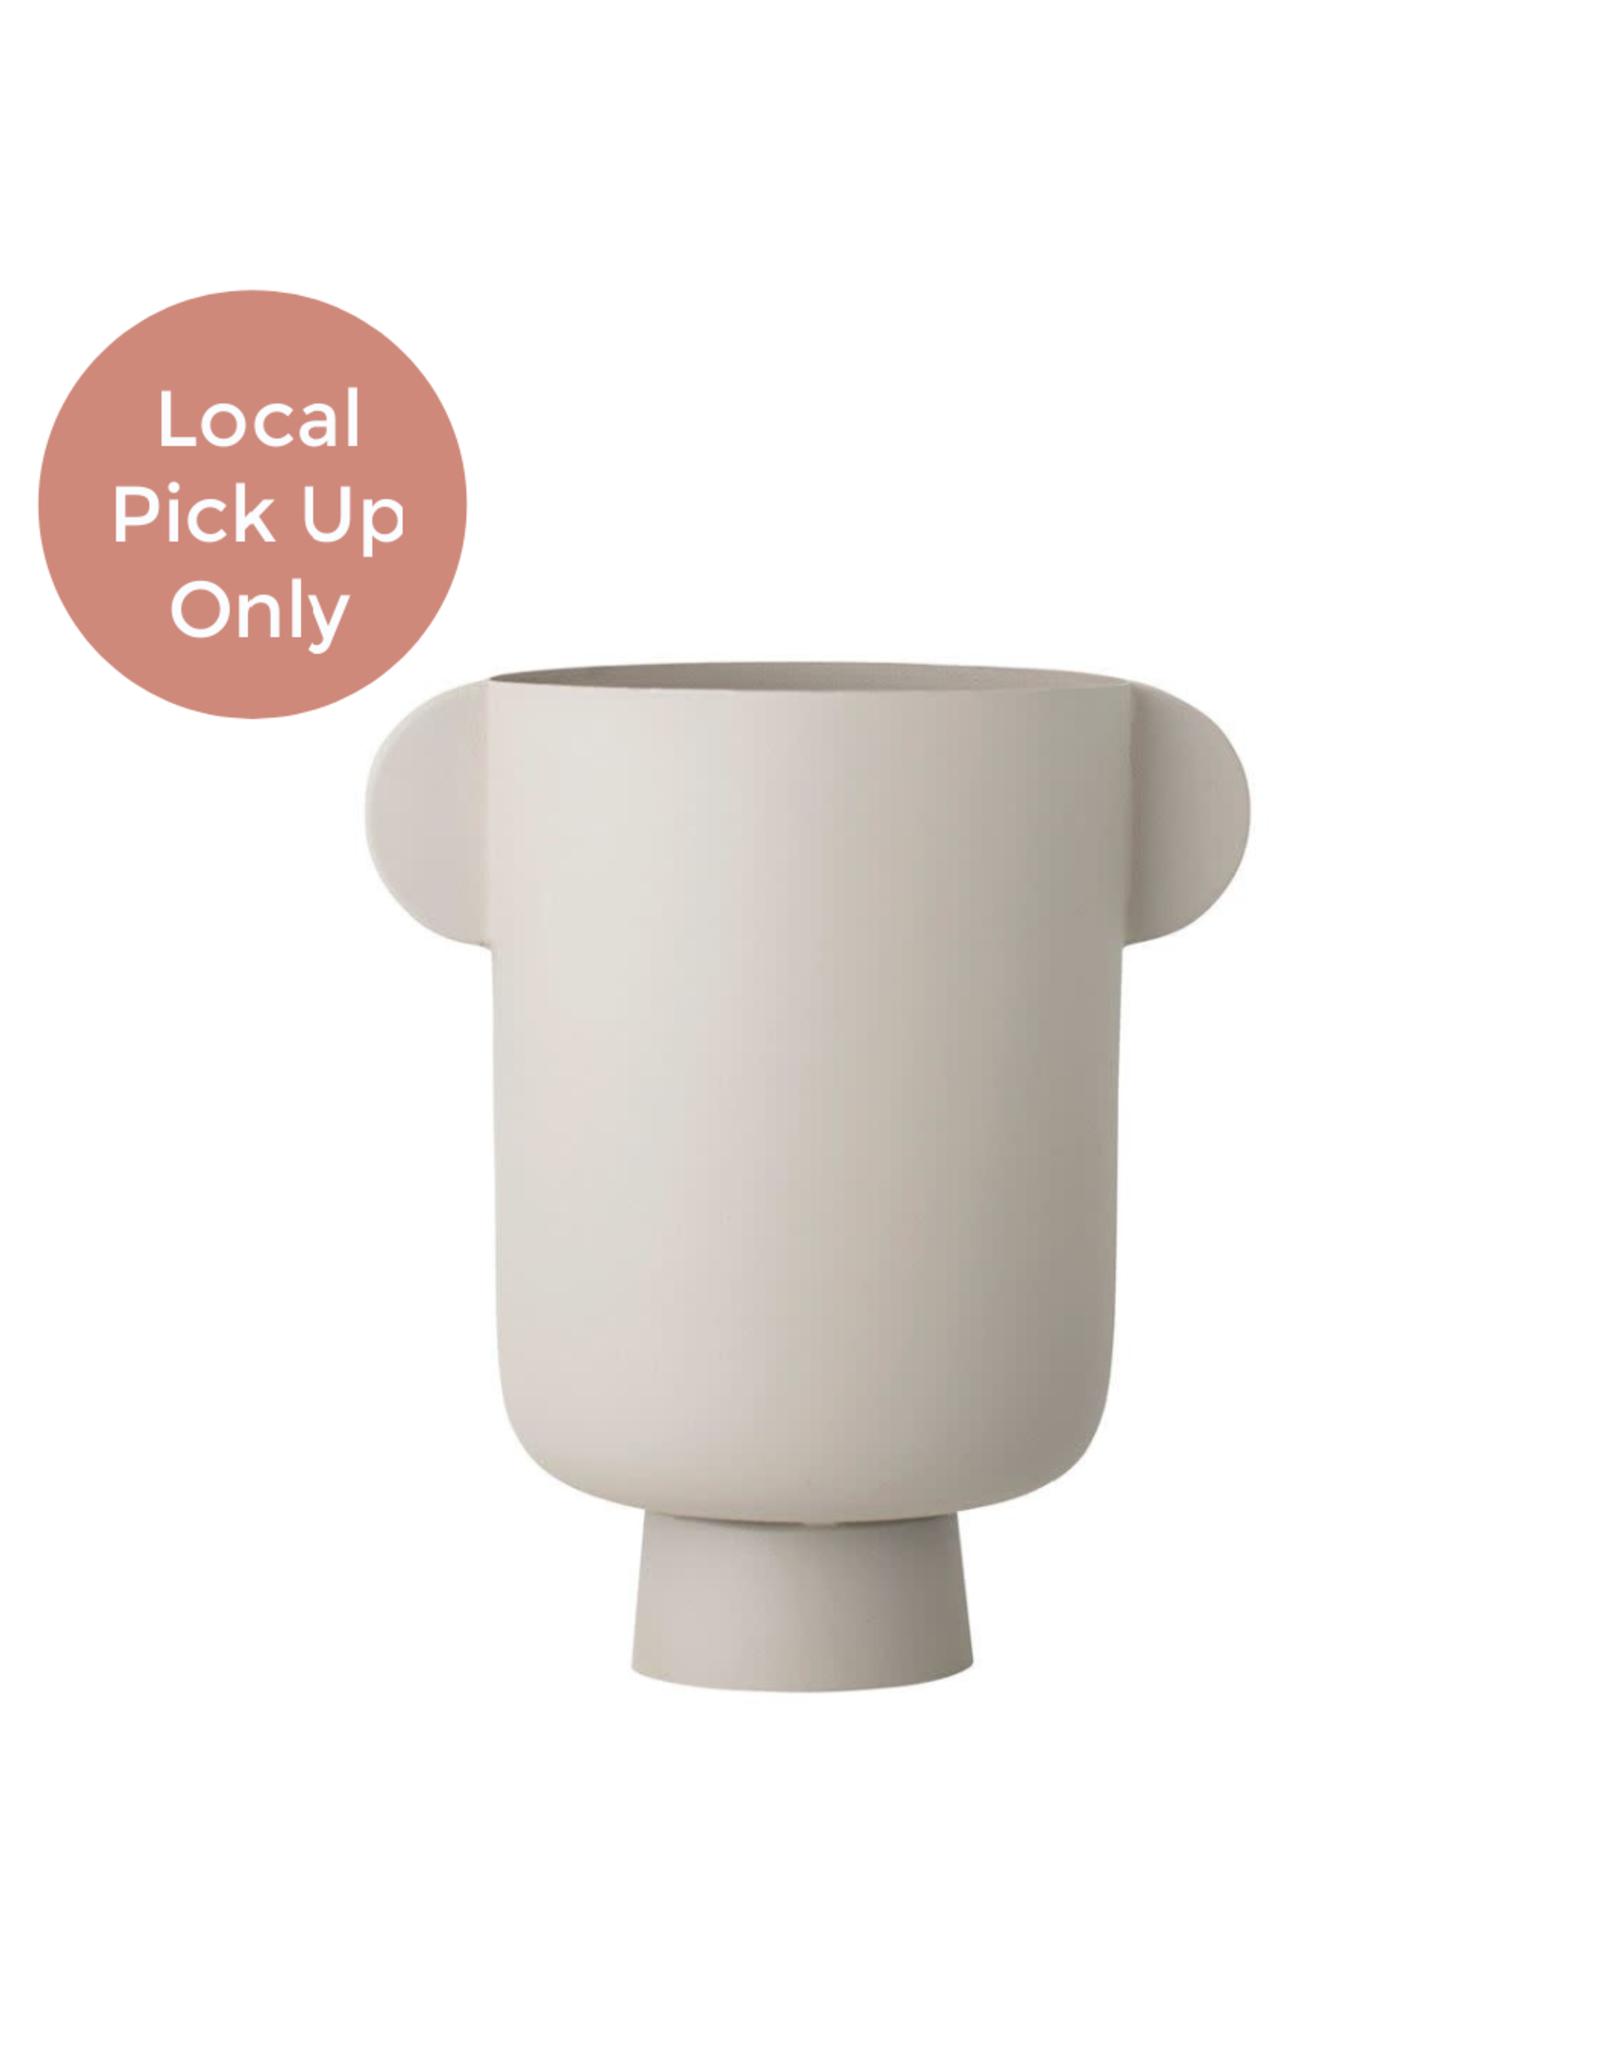 Matte Metal Vase with Handles